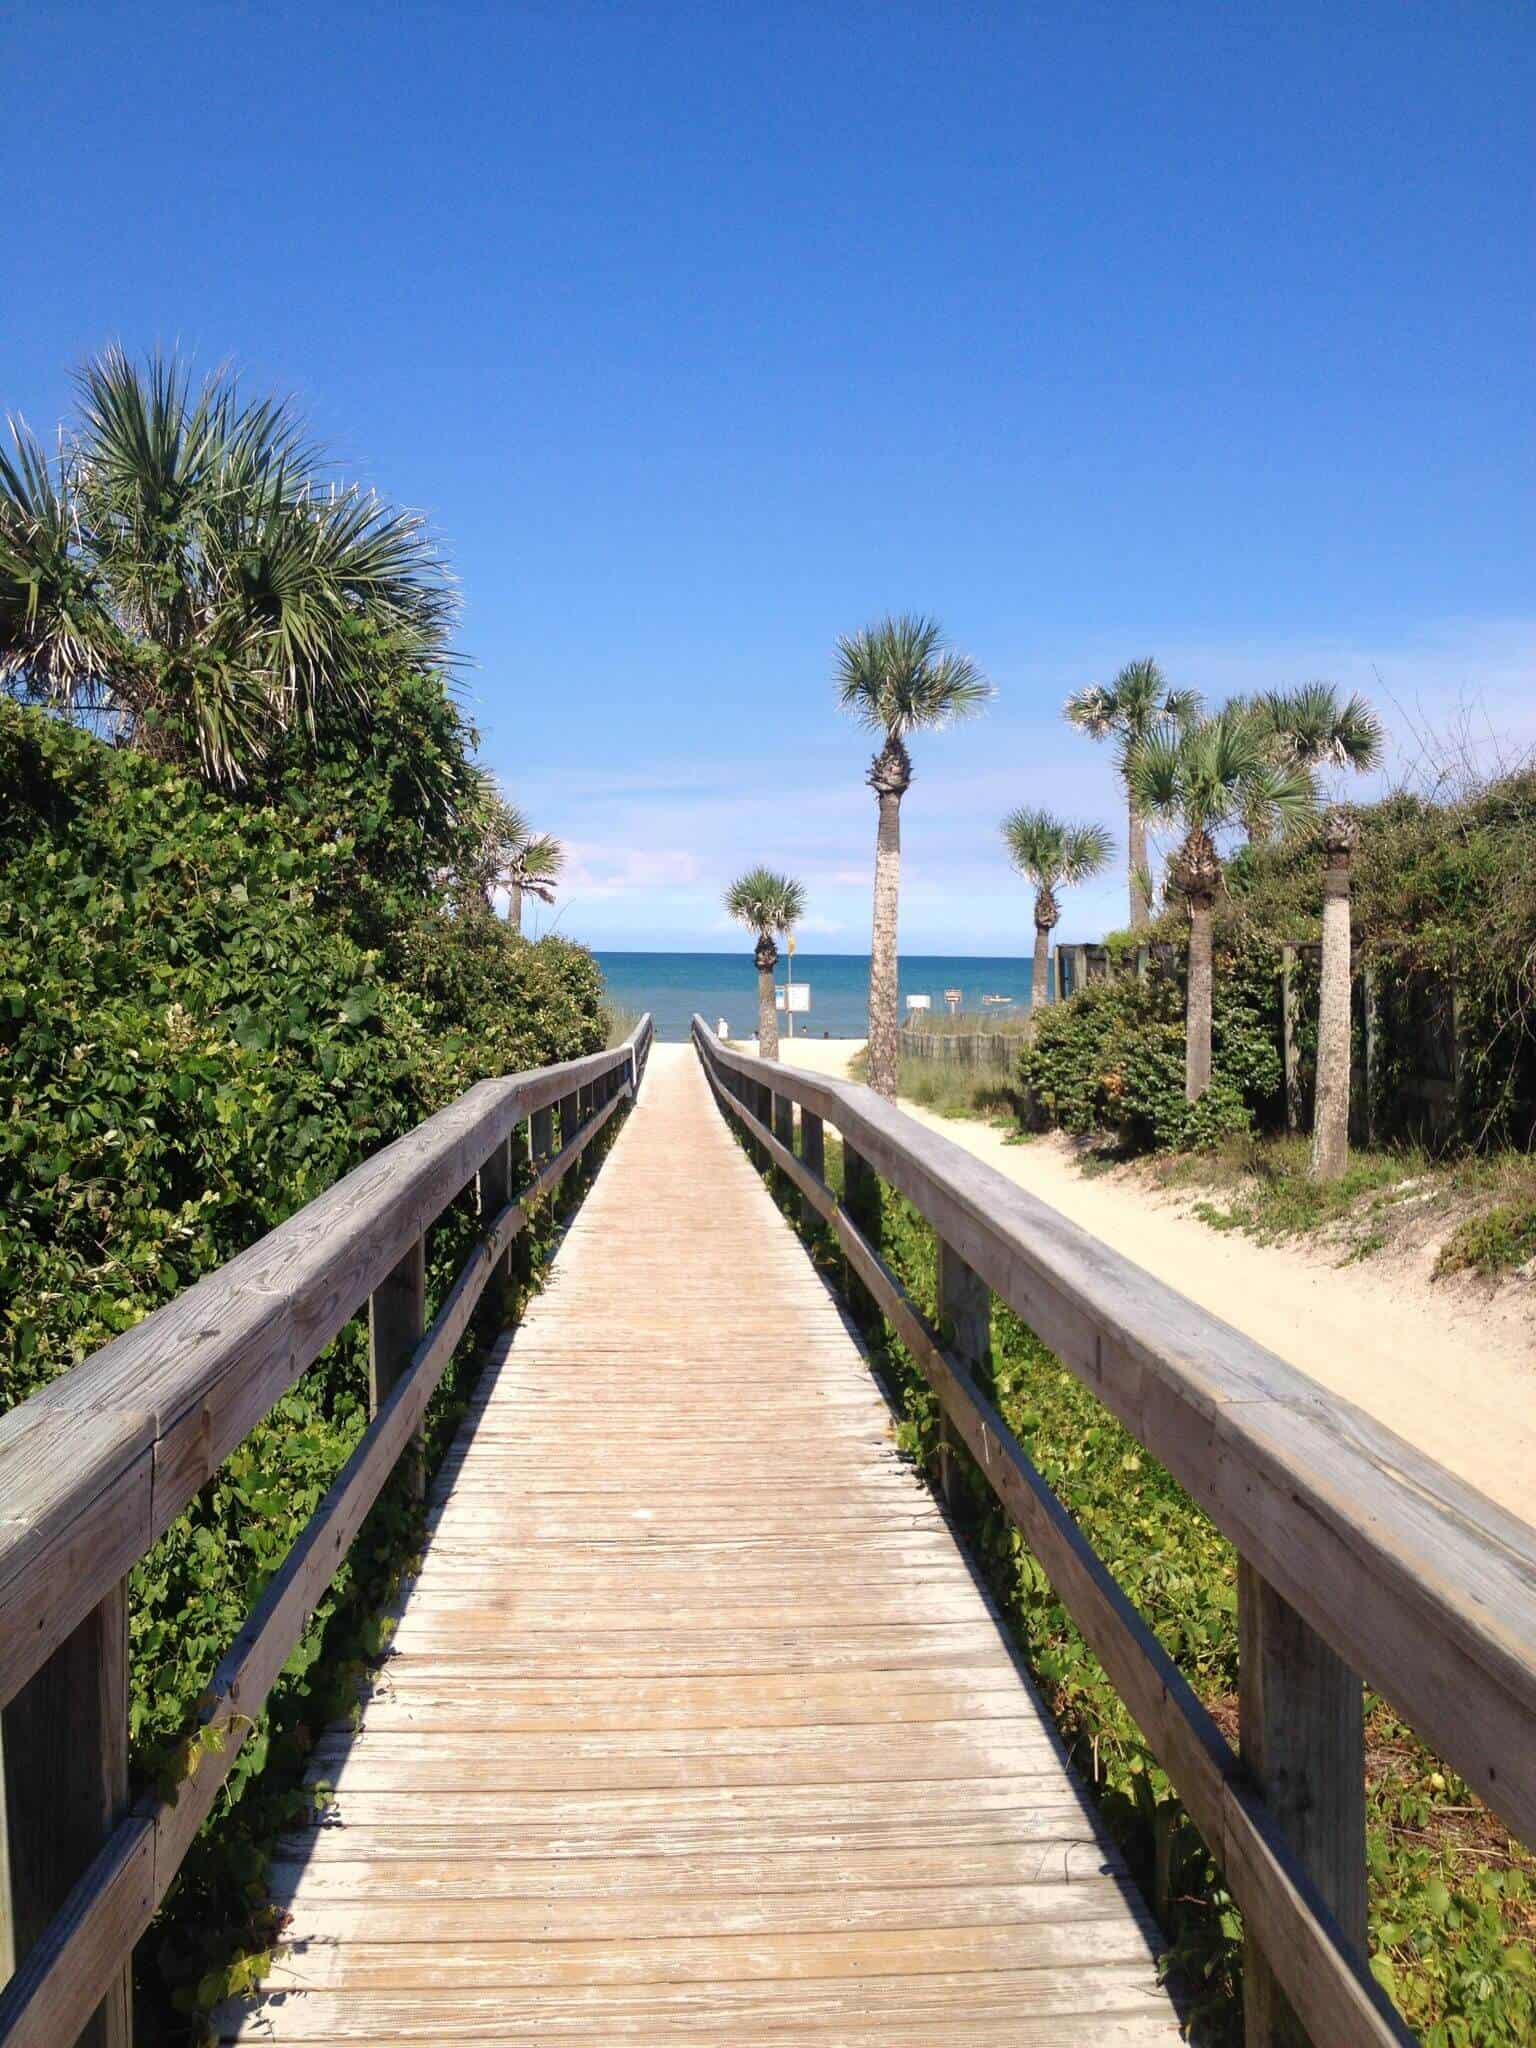 Ponte Vedra Beach, Florida